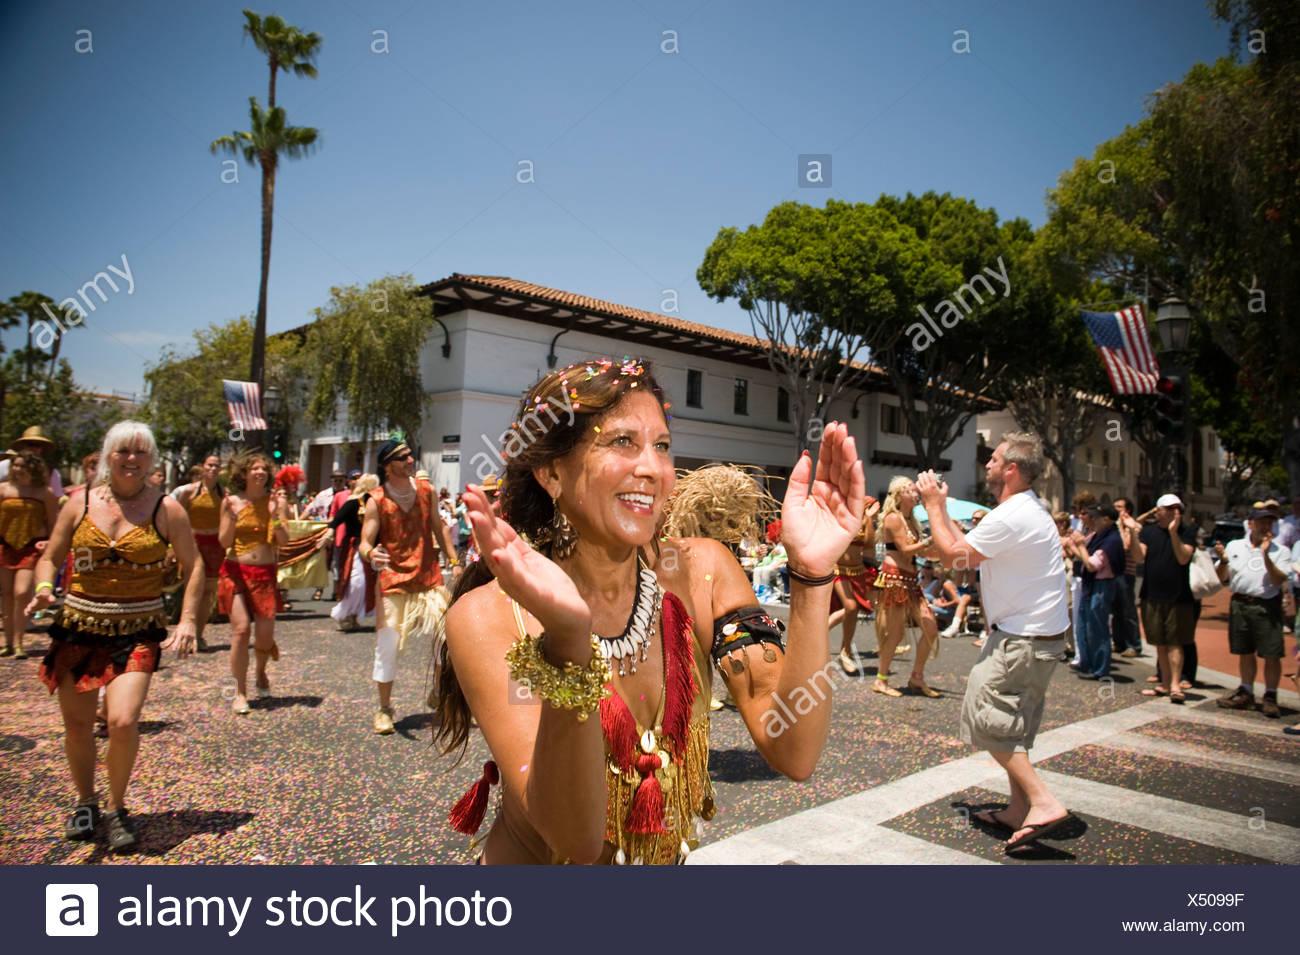 Réjouissance et de bonheur lors d'un défilé à Santa Barbara. Le défilé de chars et costumes extravagants caractéristiques. Photo Stock